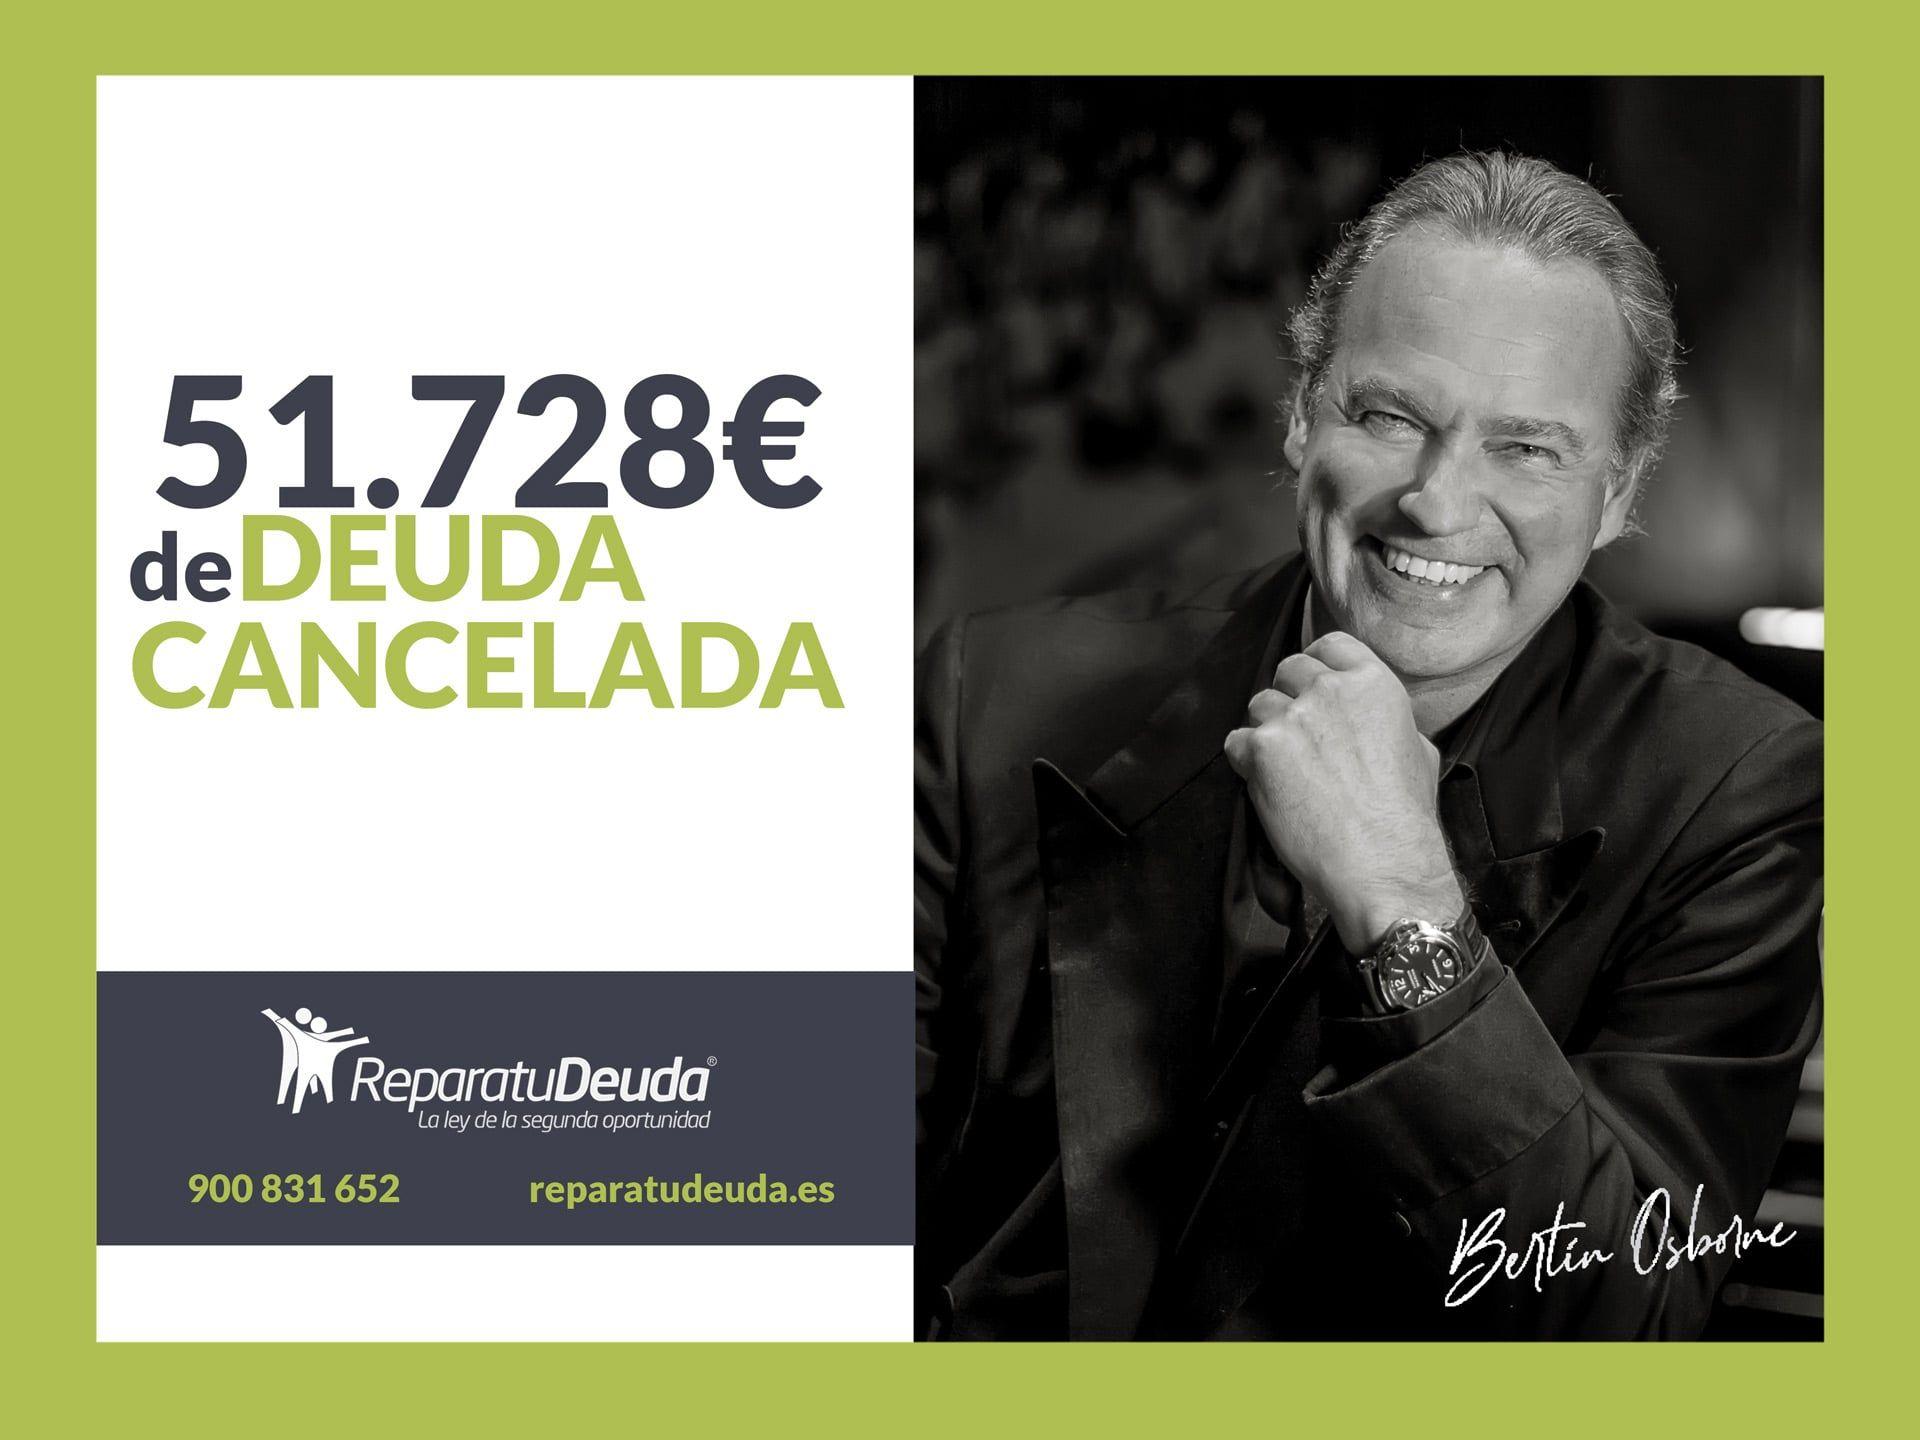 Repara tu Deuda Abogados cancela 51.728 ? en Terrassa (Barcelona) con la Ley de la Segunda Oportunidad